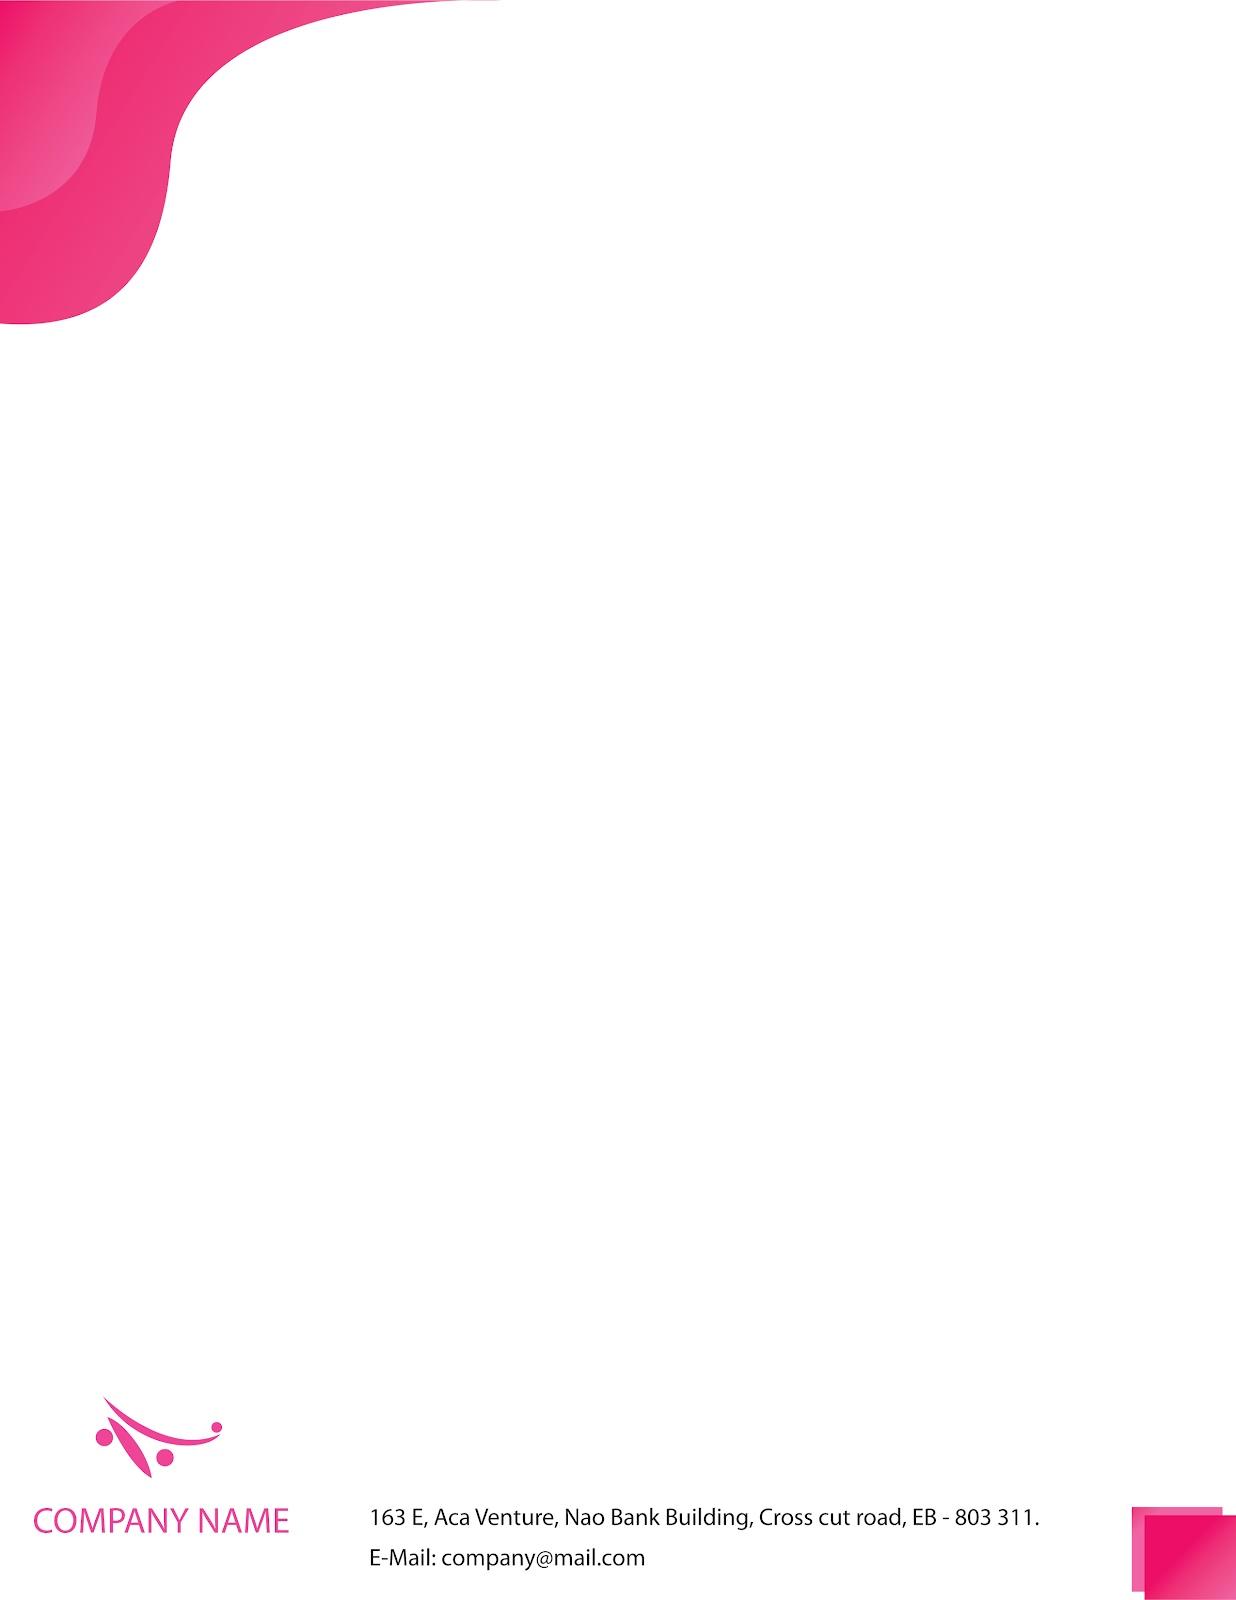 Letter pad logo dolapgnetband letter pad logo adobe illustrator samples worksamples spiritdancerdesigns Gallery